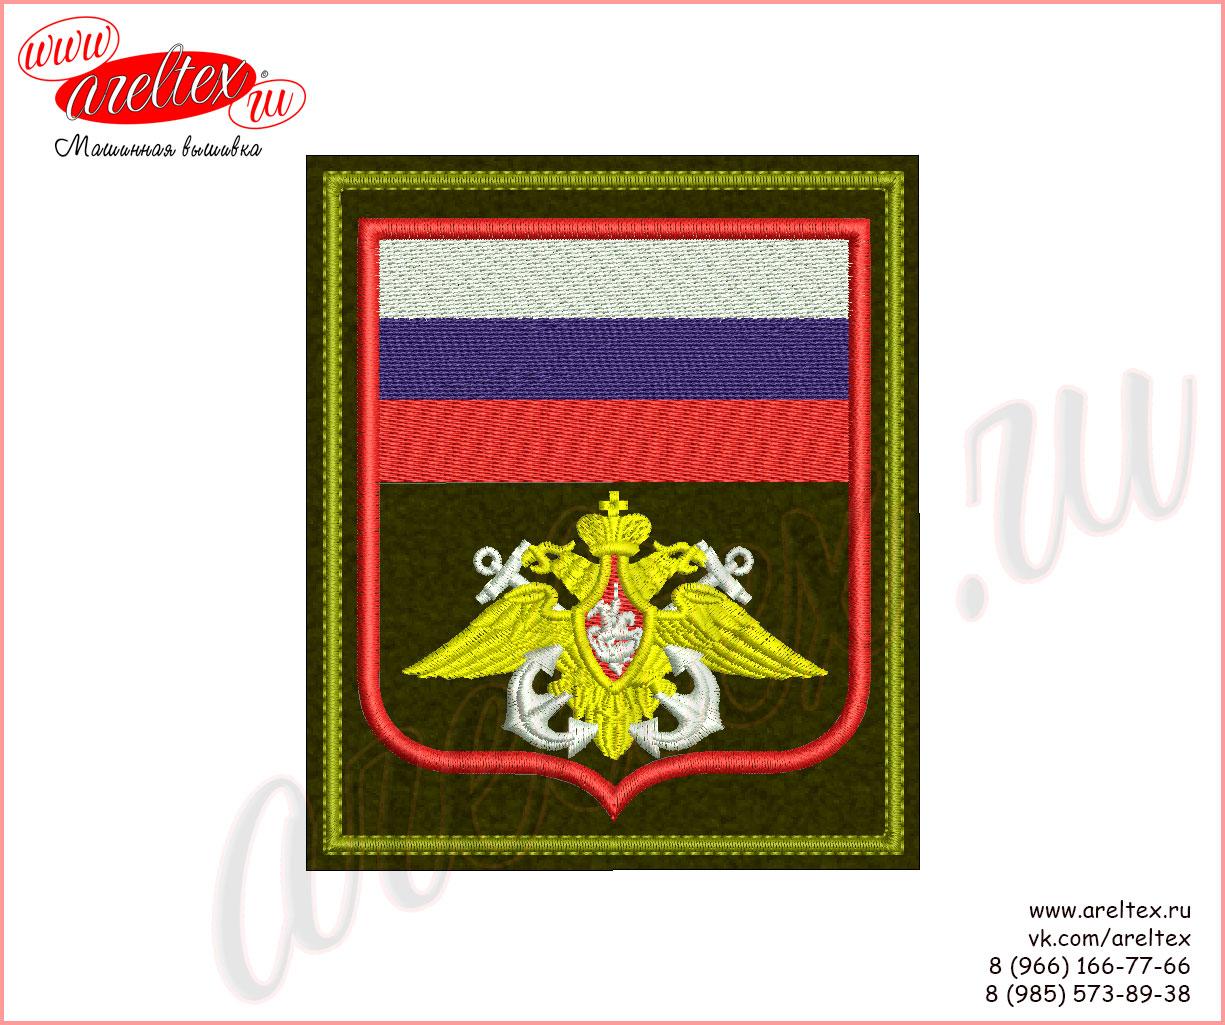 Вышитый шеврон Береговые части МО (Министерстваобороны РФ)